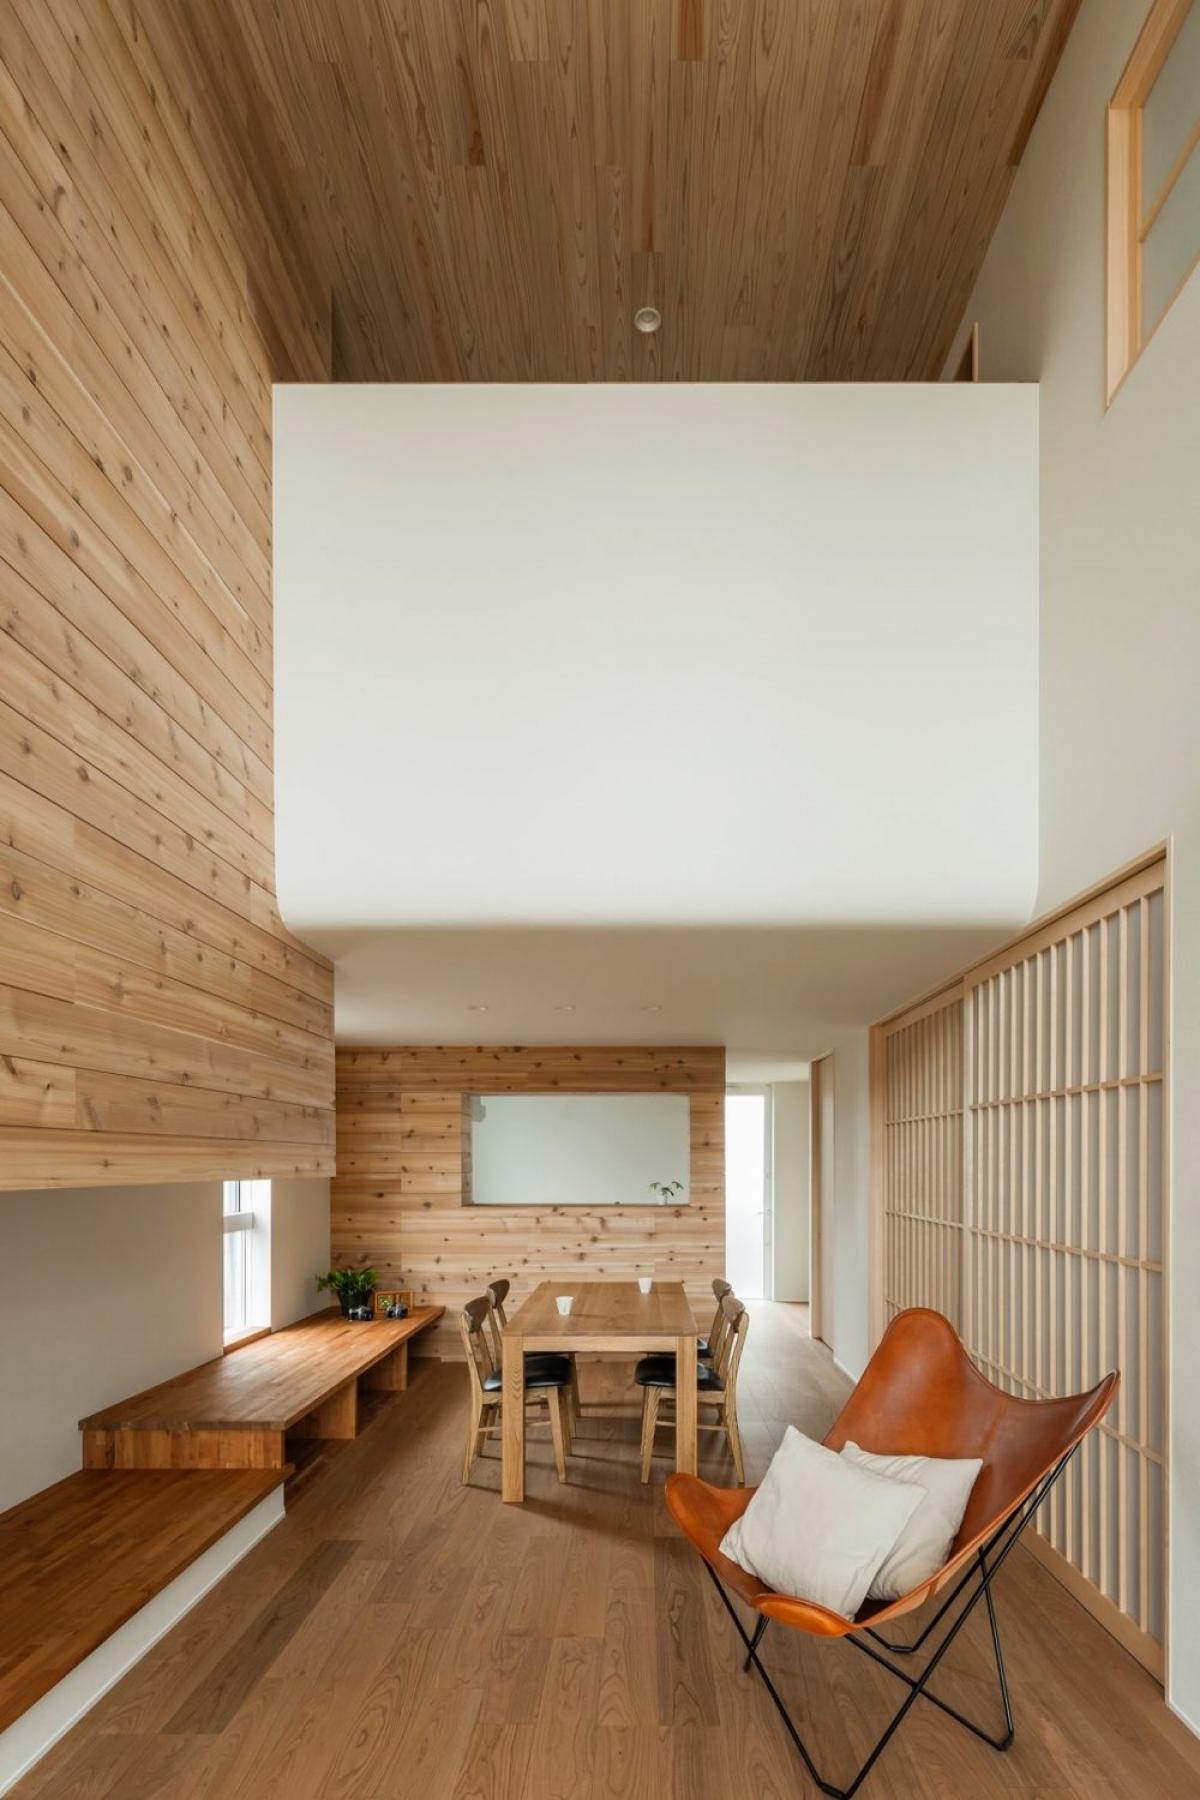 Chiếc ghế là một điểm nhấn nổi bật cho không gian phòng khách này.